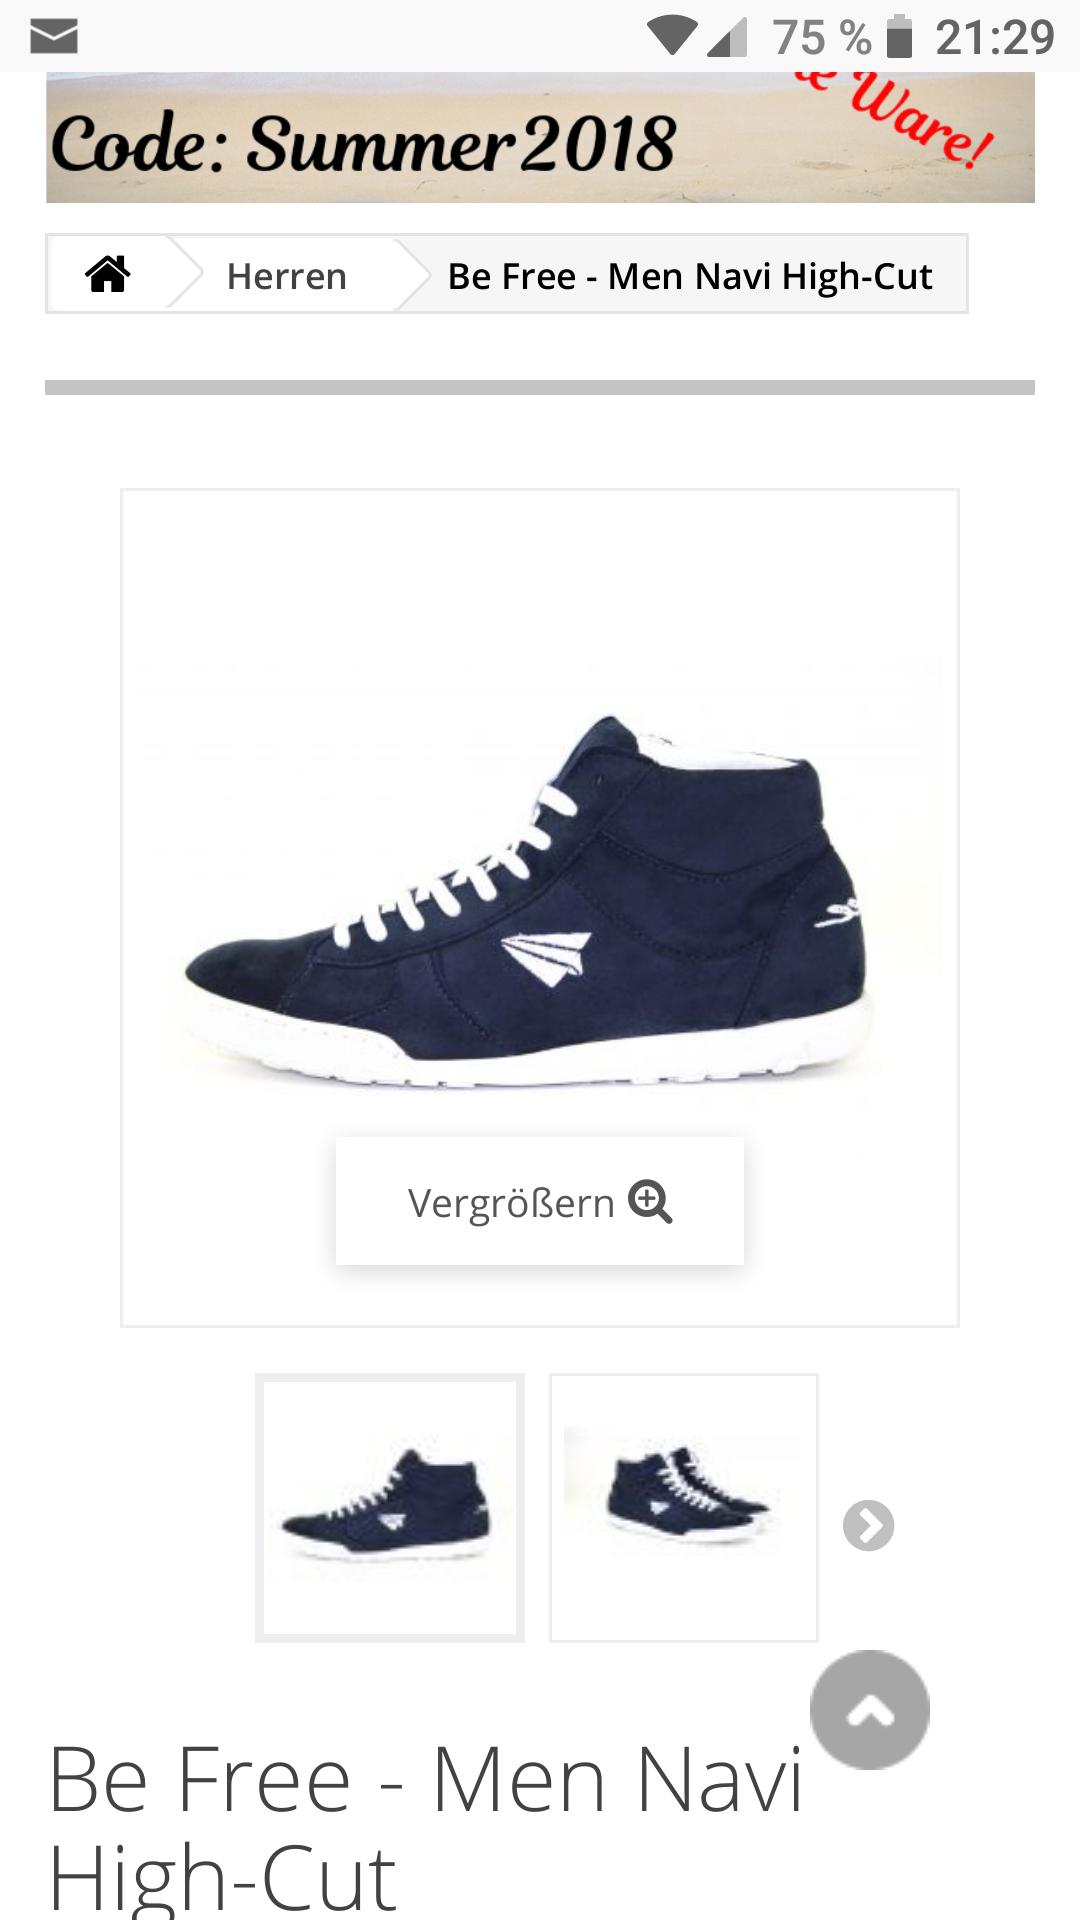 (online anifree-shoes.de) Coole vegane Schuhe wie z.B Sneakers (mit toller Auswahl auch für Männer)